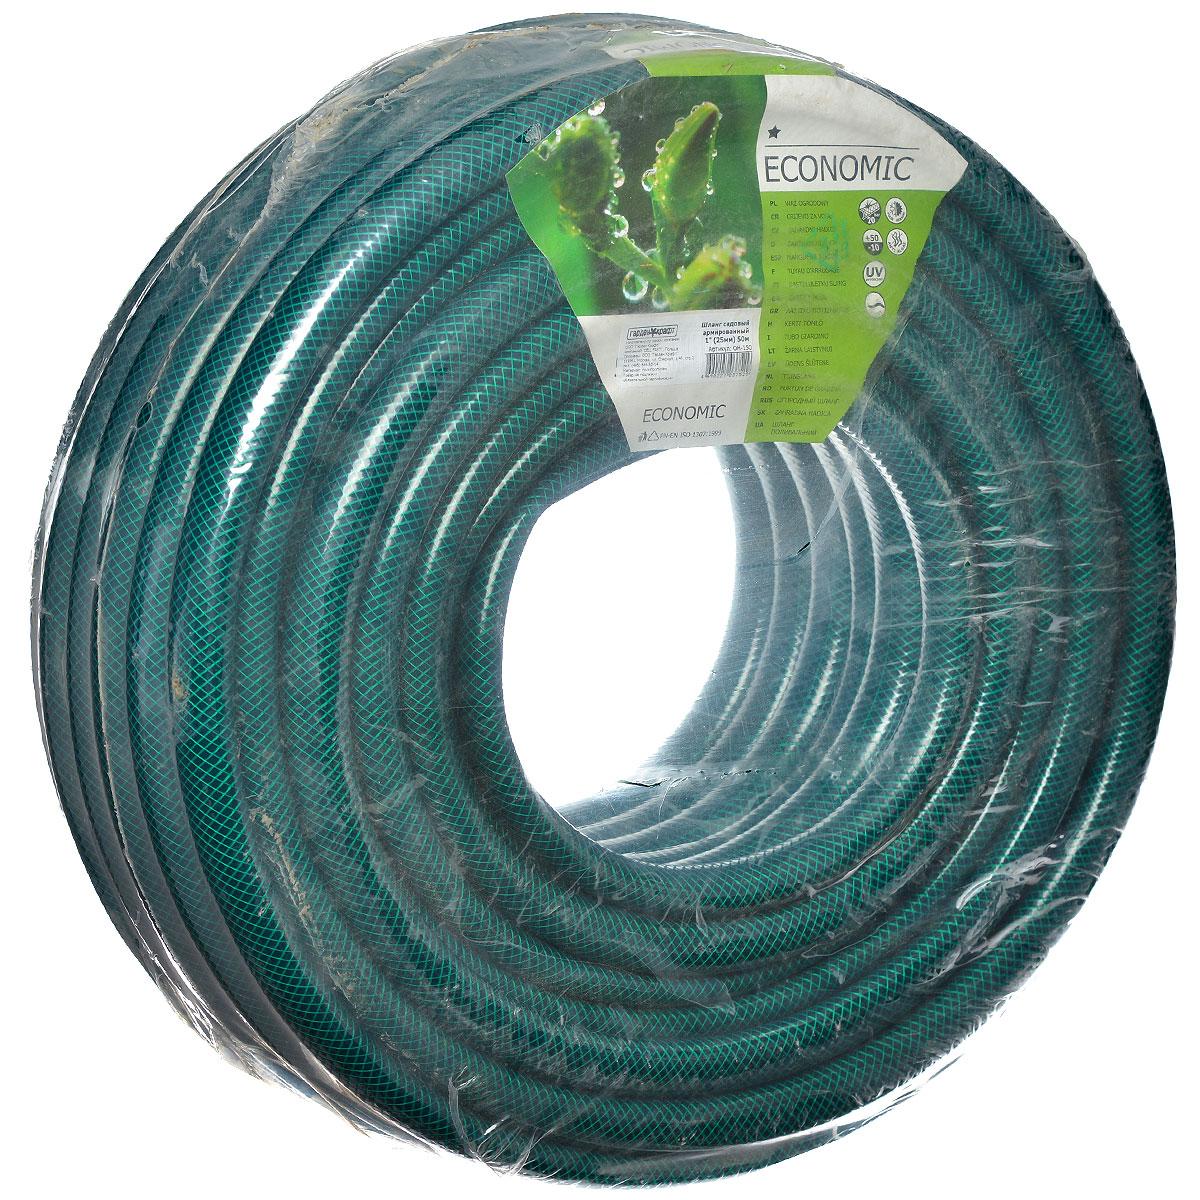 Шланг садовый Cellfast Economic, трехслойный, 1, 50 м шланг садовый truper трехслойный с латунным коннектором 1 2 25 м